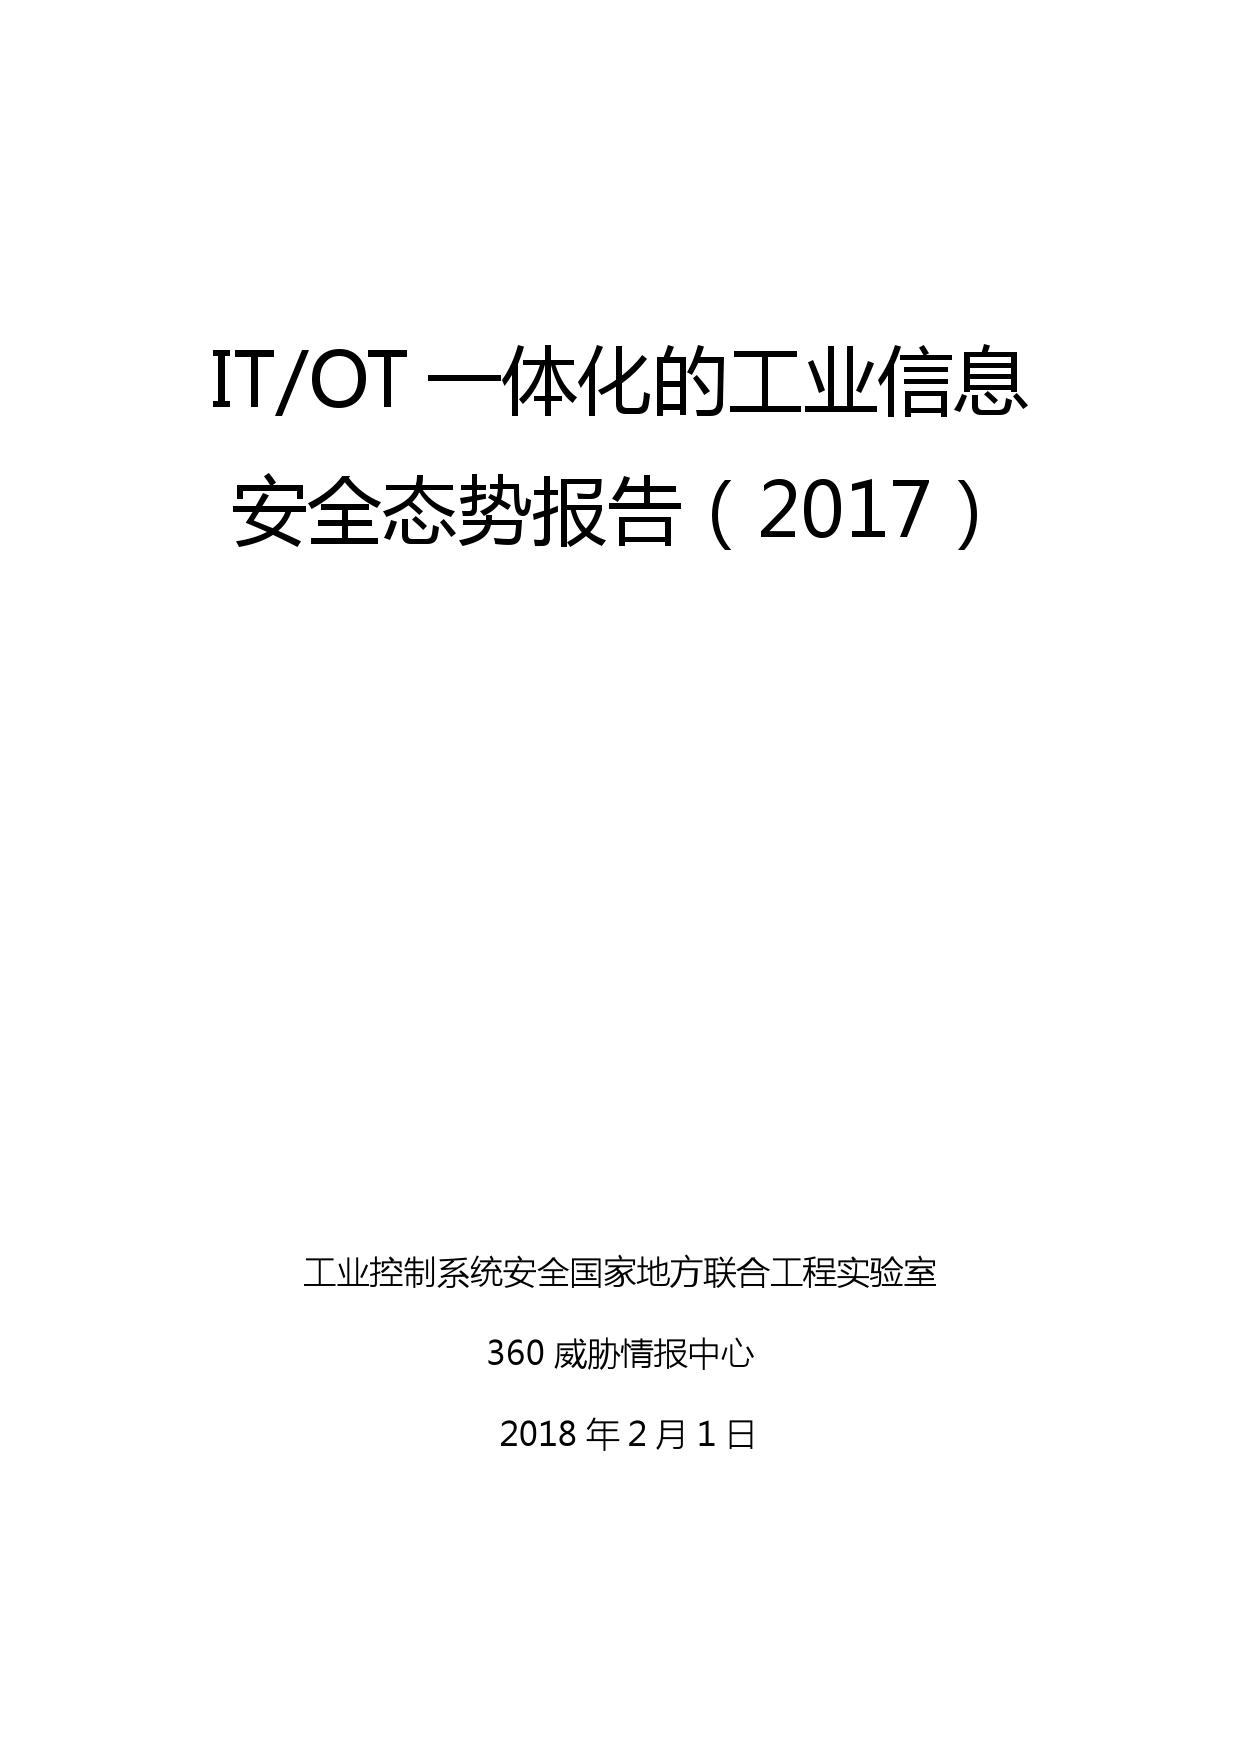 360:2017年度IT/OT一体化工业信息安全态势报告(附下载)